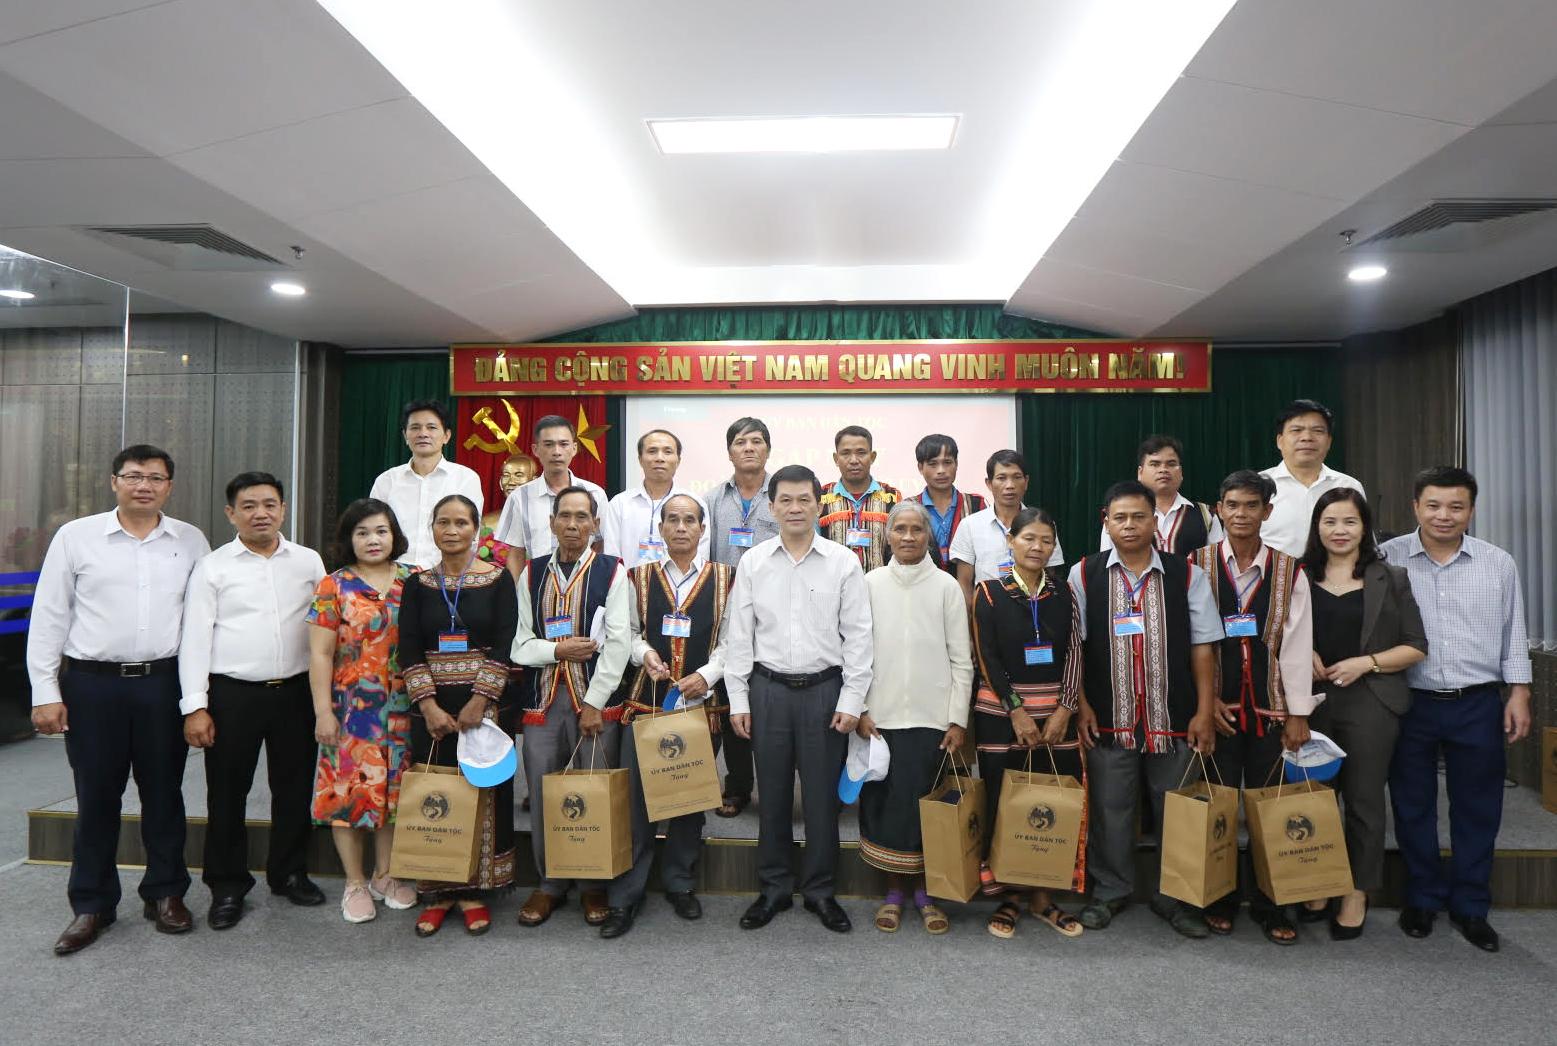 Thứ trưởng, Phó Chủ nhiệm UBDT Nông Quốc Tuấn chụp ảnh lưu niệm cùng đại biểu Người có uy tín tỉnh Kon Tum